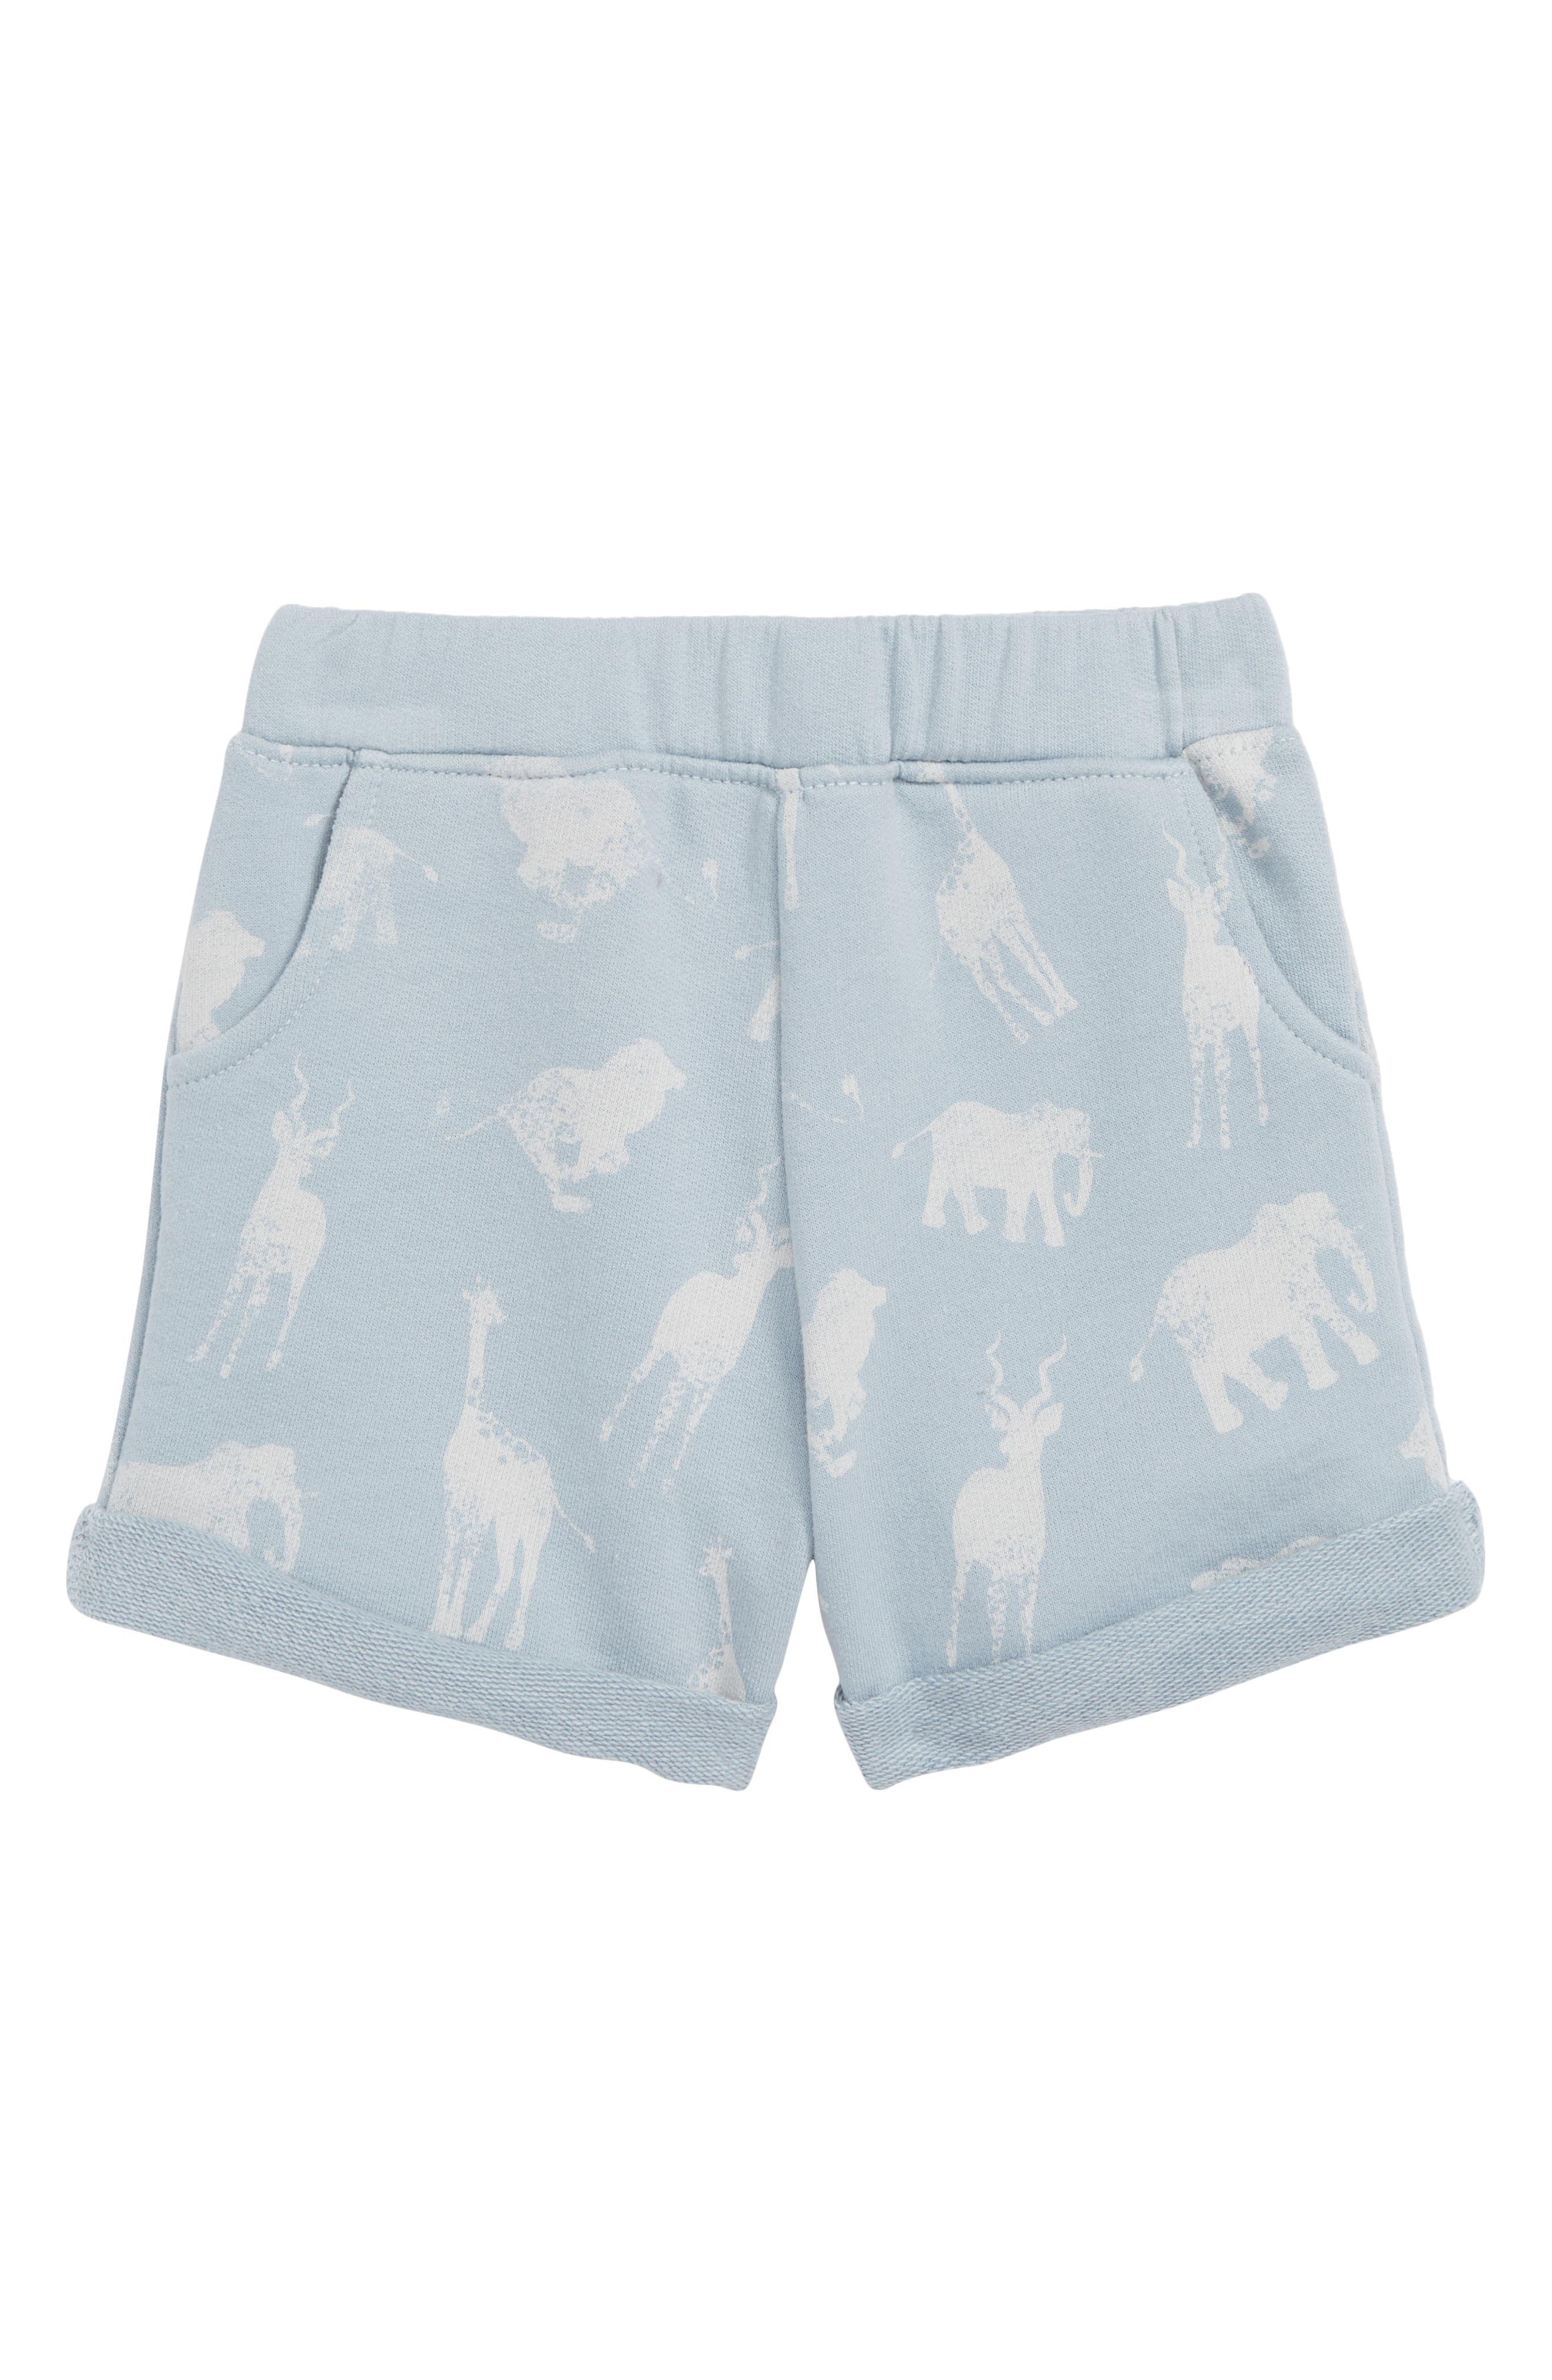 Peek Safari Shorts,                             Main thumbnail 1, color,                             452